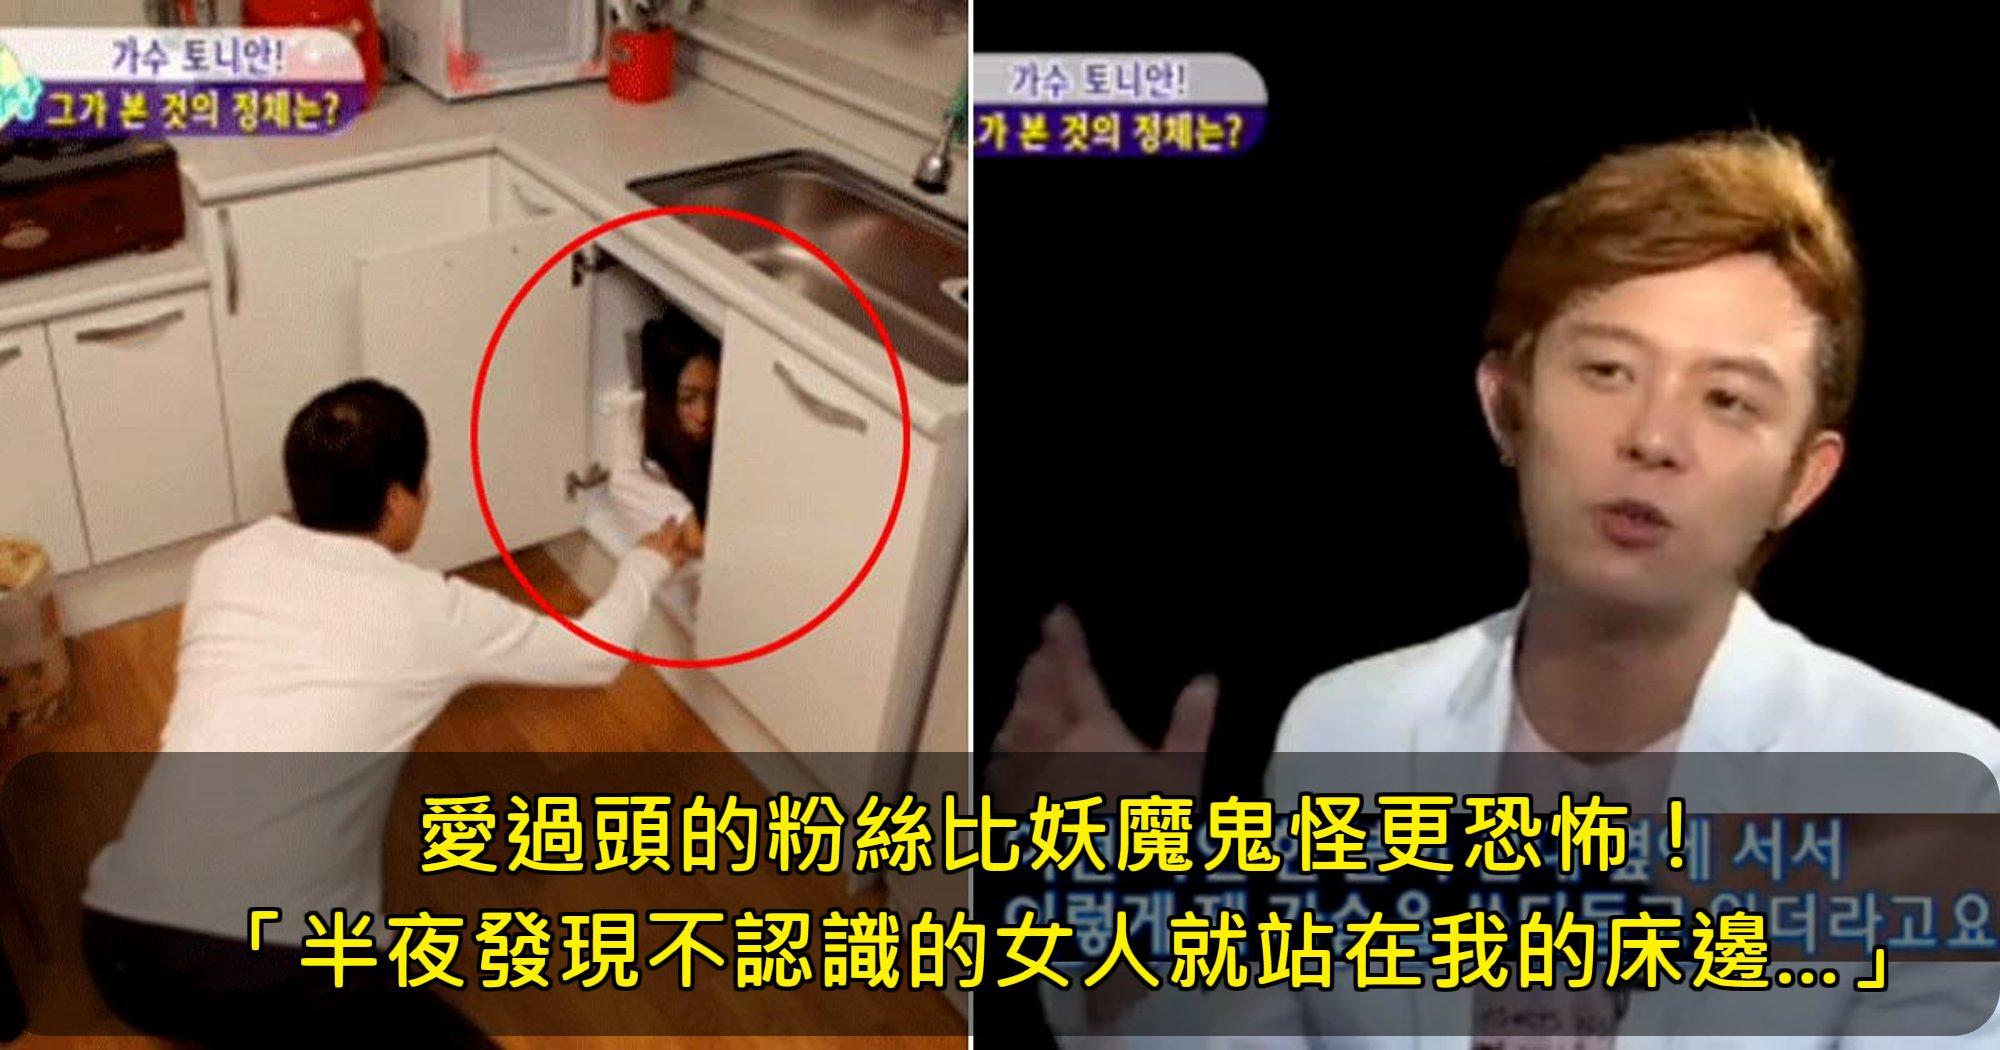 c.png?resize=412,275 - 韓偶像風光背後的夢魘:瘋狂粉絲竟然做出「這種」恐怖行為!